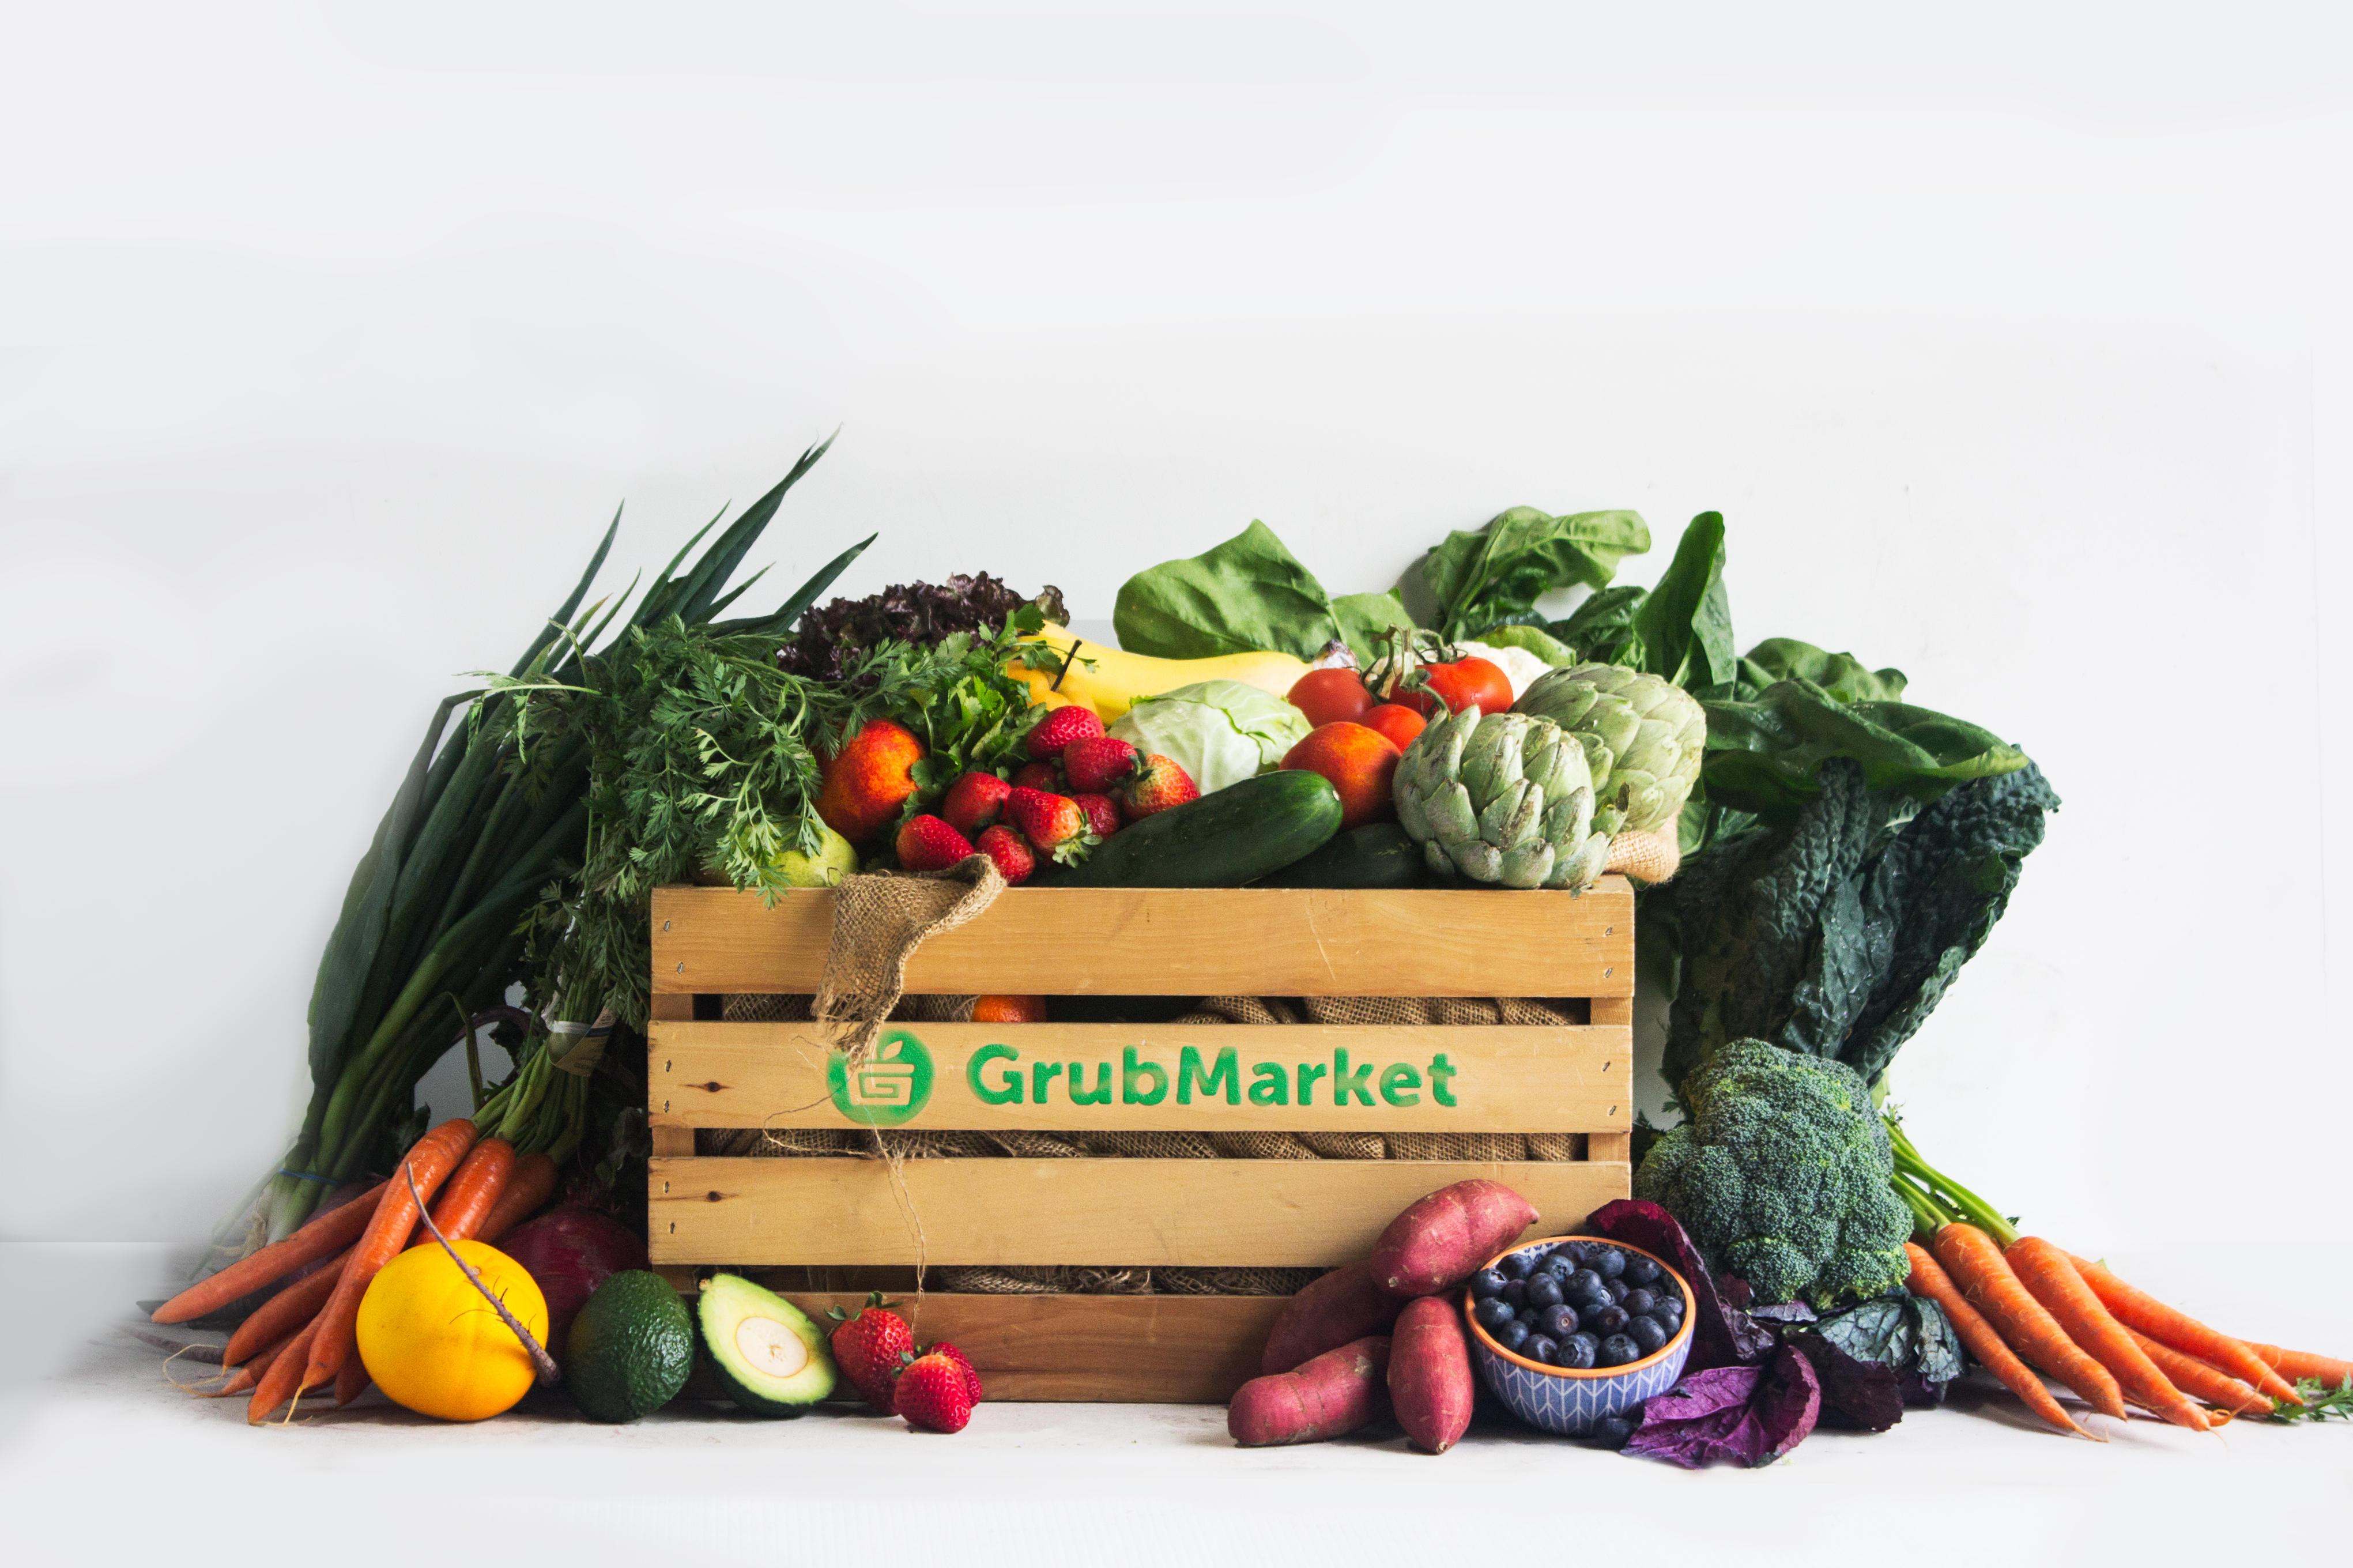 《独家 | 美国生鲜电商平台 GrubMarket 完成 6000 万美元 D 轮融资,将提交上市申请》